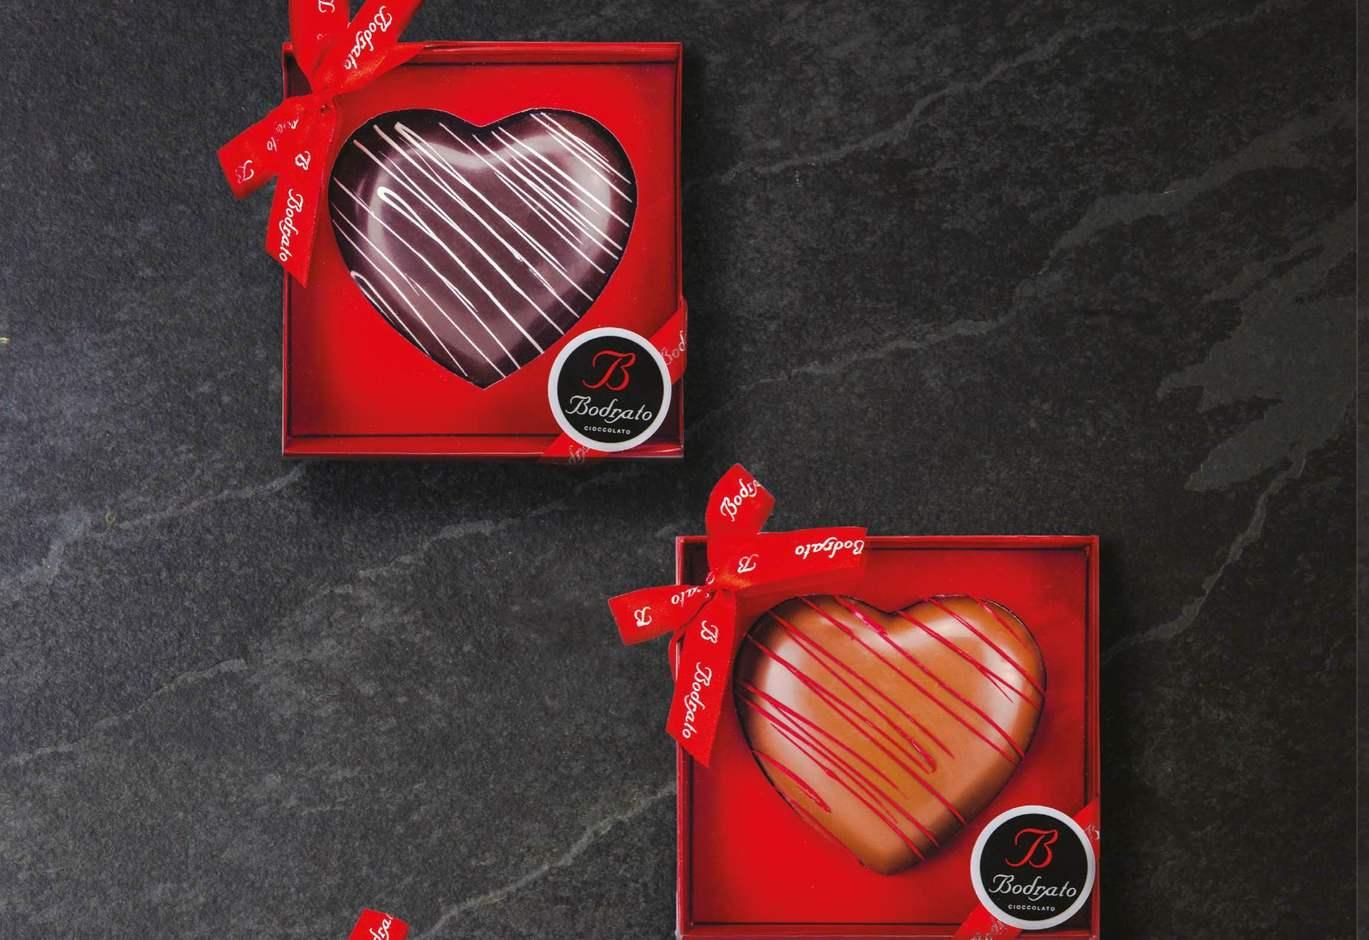 Bodrato Cioccolato San Valentino